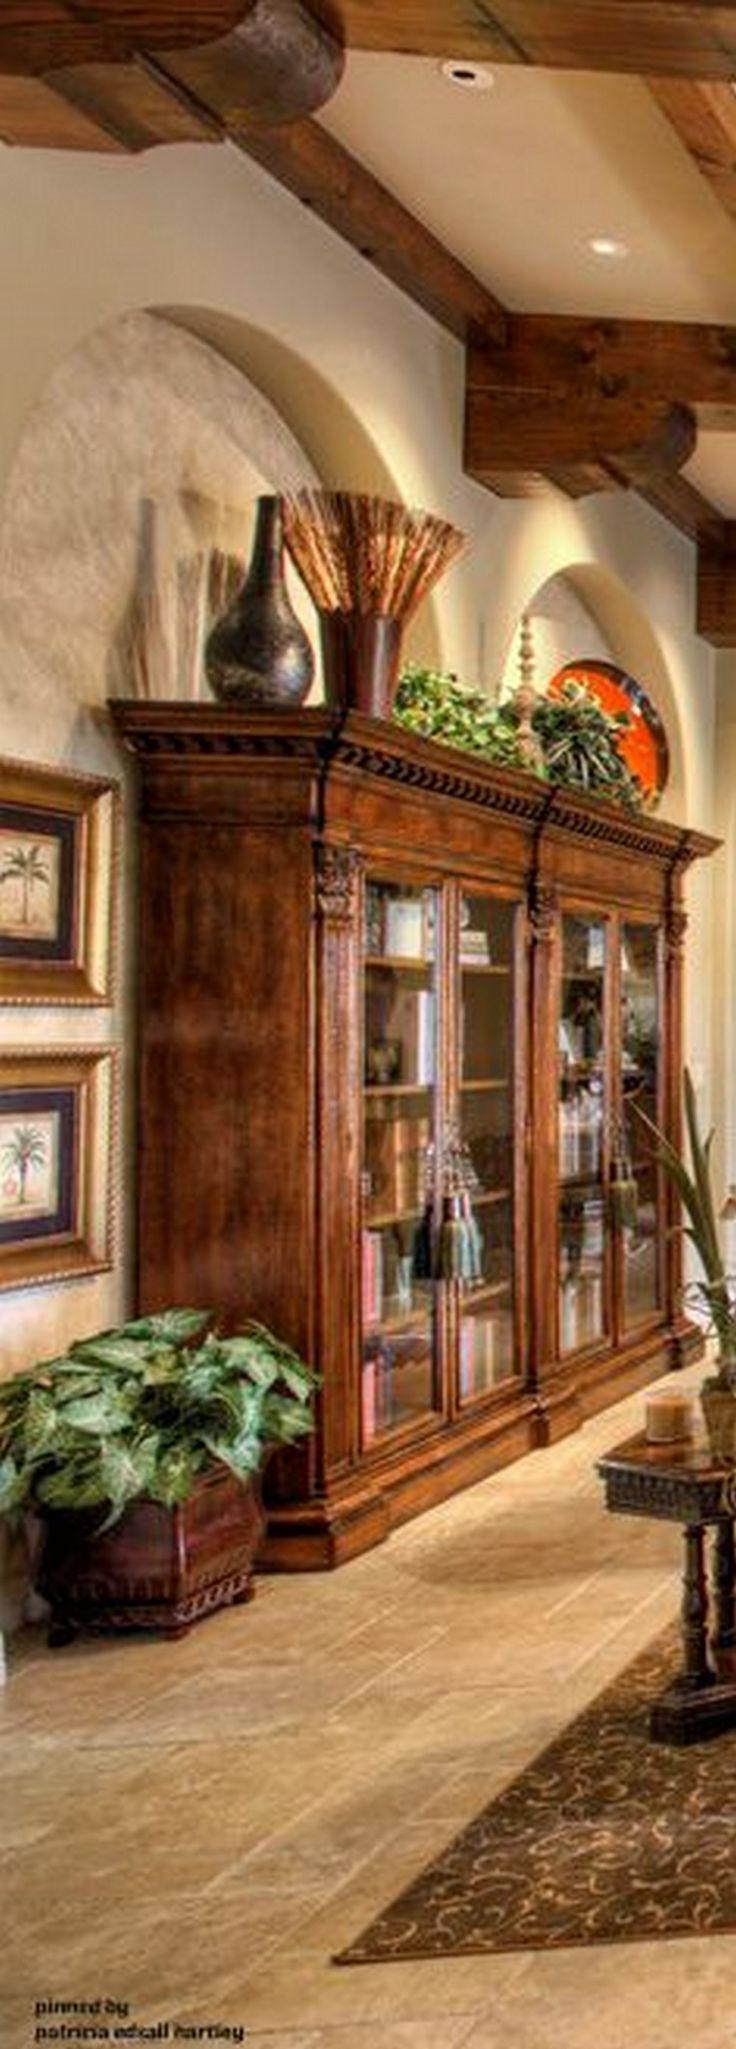 30 Luxurious Tuscan Bathroom Decor Ideas